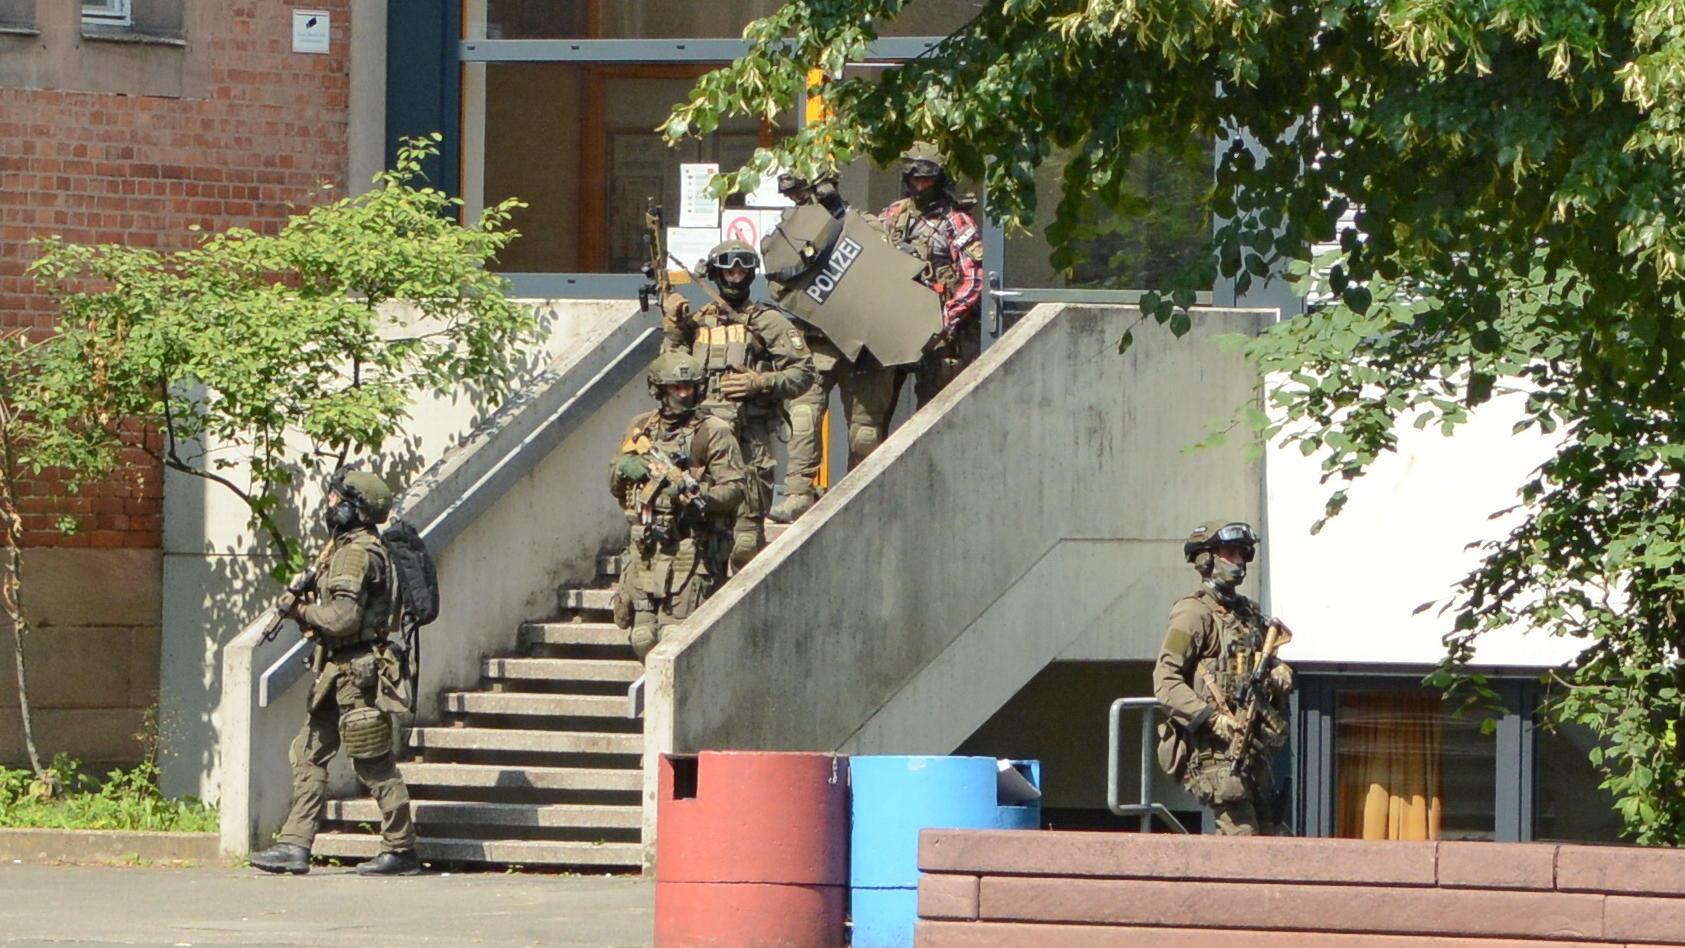 Einsatzkräfte der Polizei sind an einer Schule in Nürnberg im Einsatz.